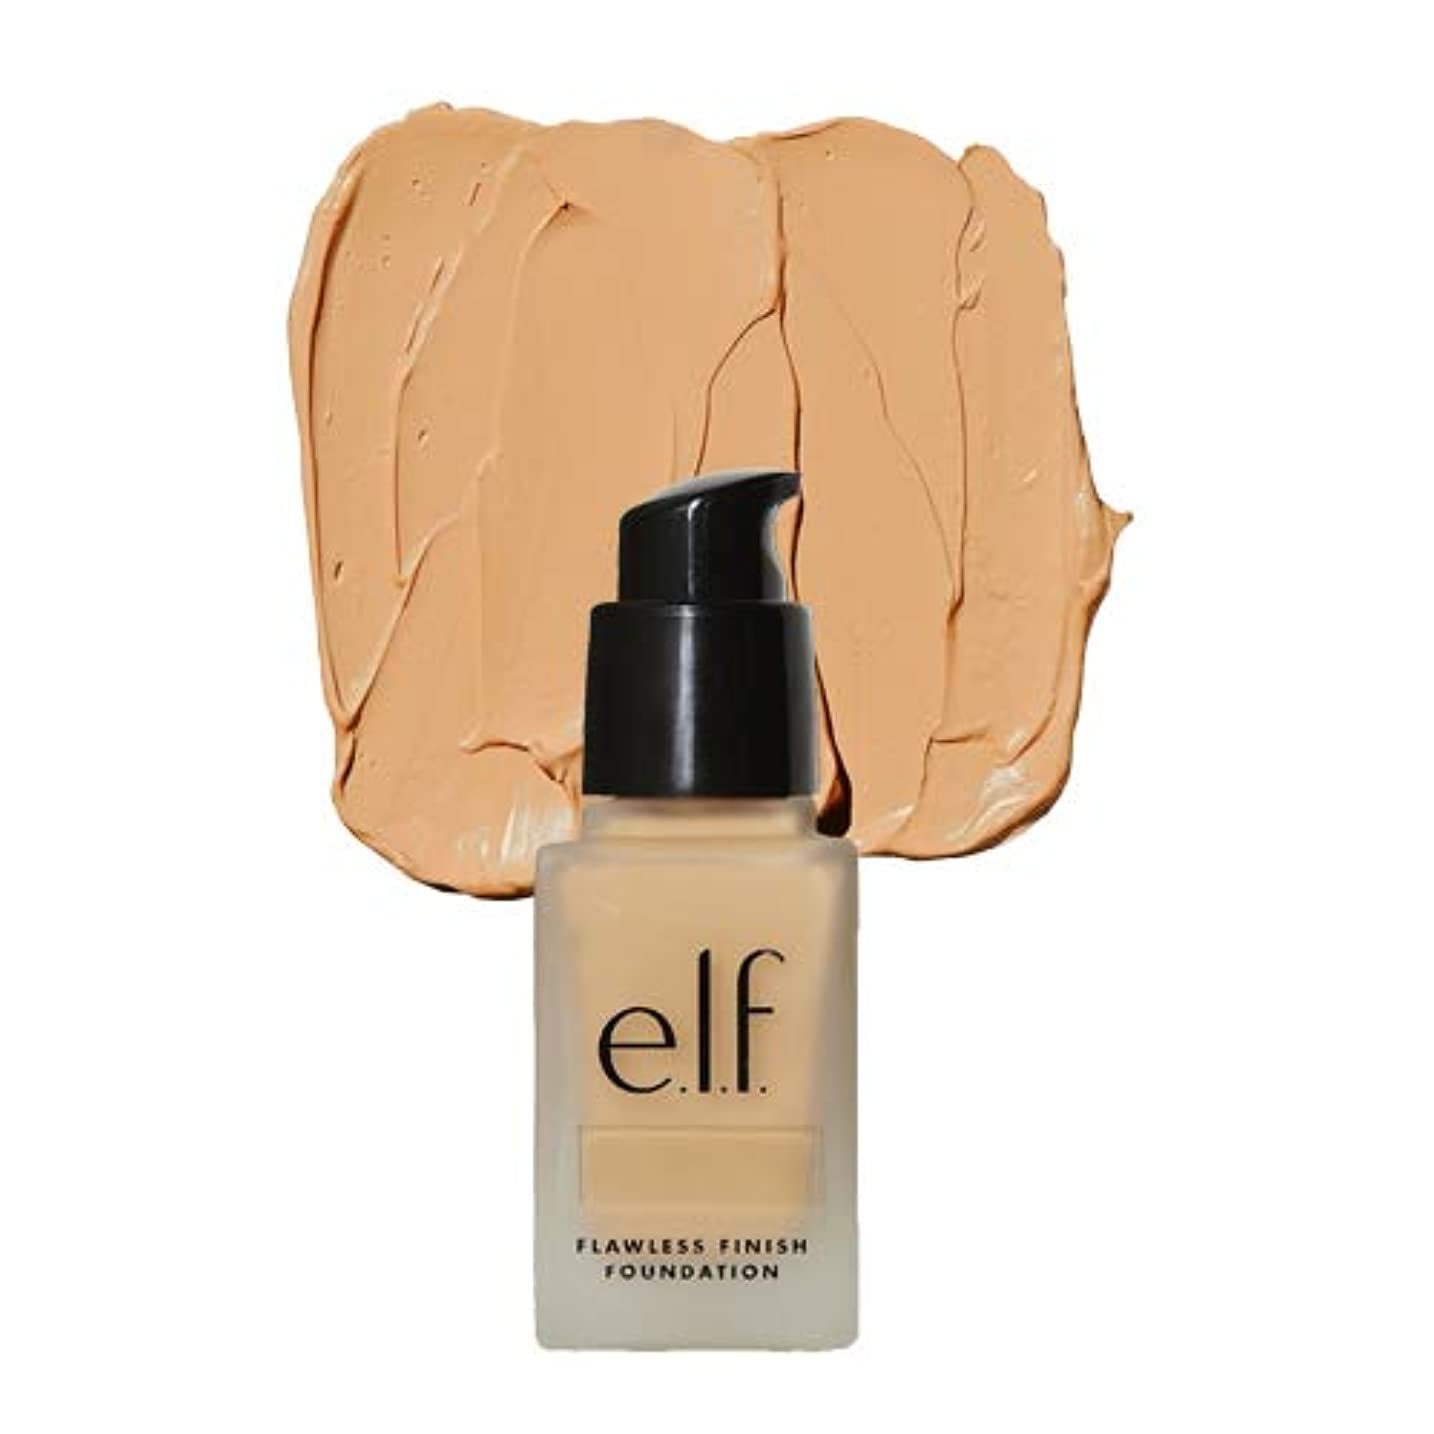 はず人雑種(3 Pack) e.l.f. Oil Free Flawless Finish Foundation - Buff (並行輸入品)